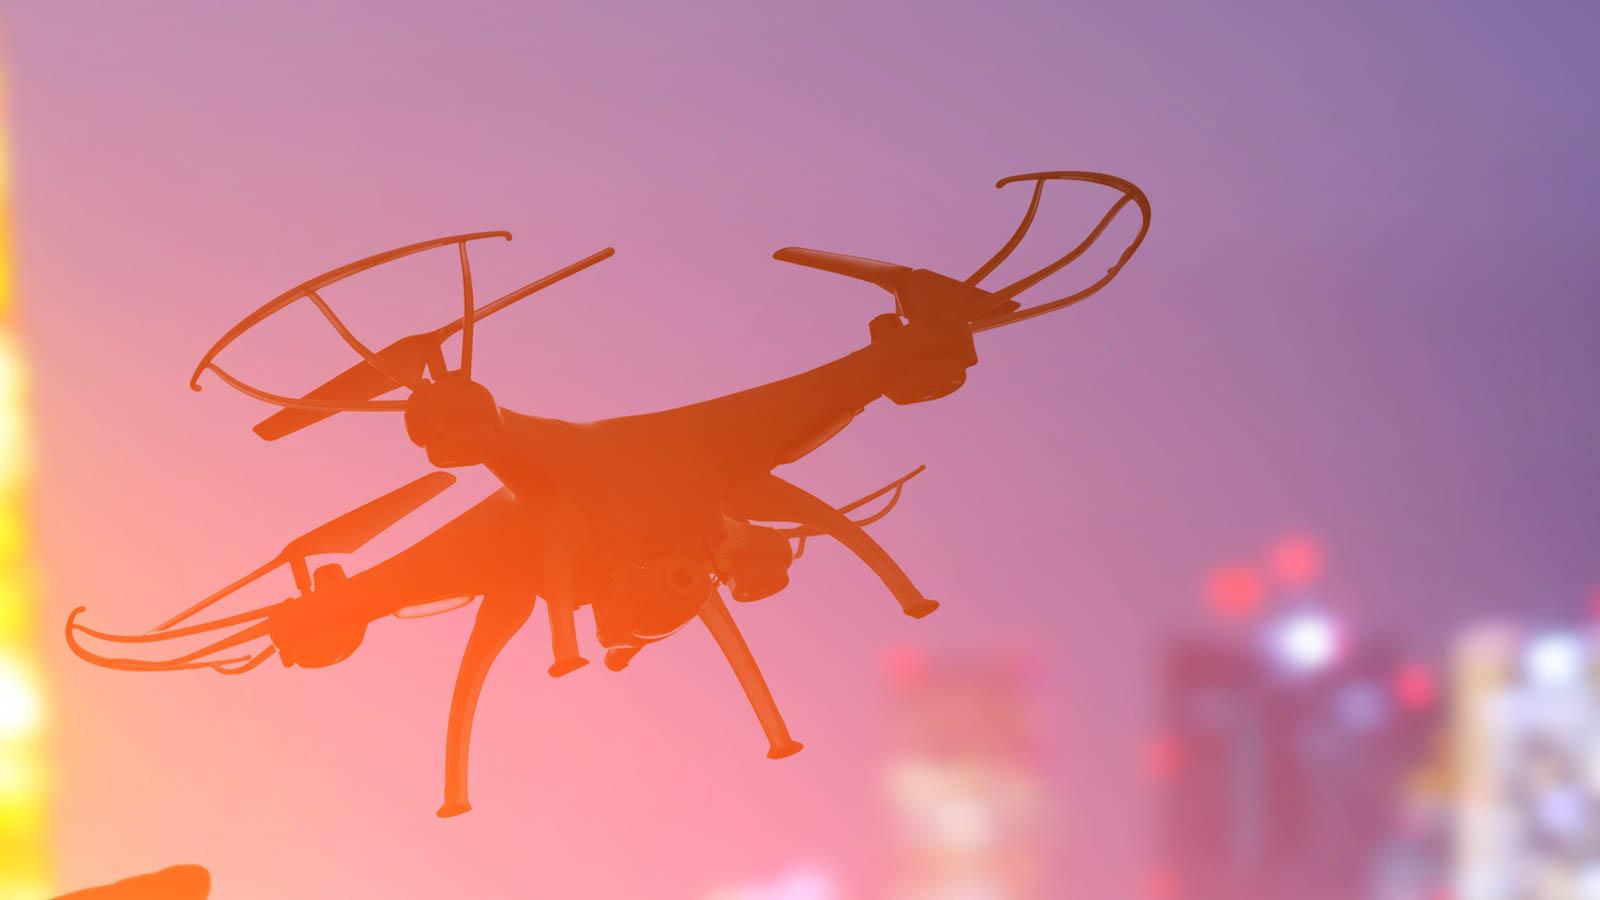 20201211_ drone_1600-4